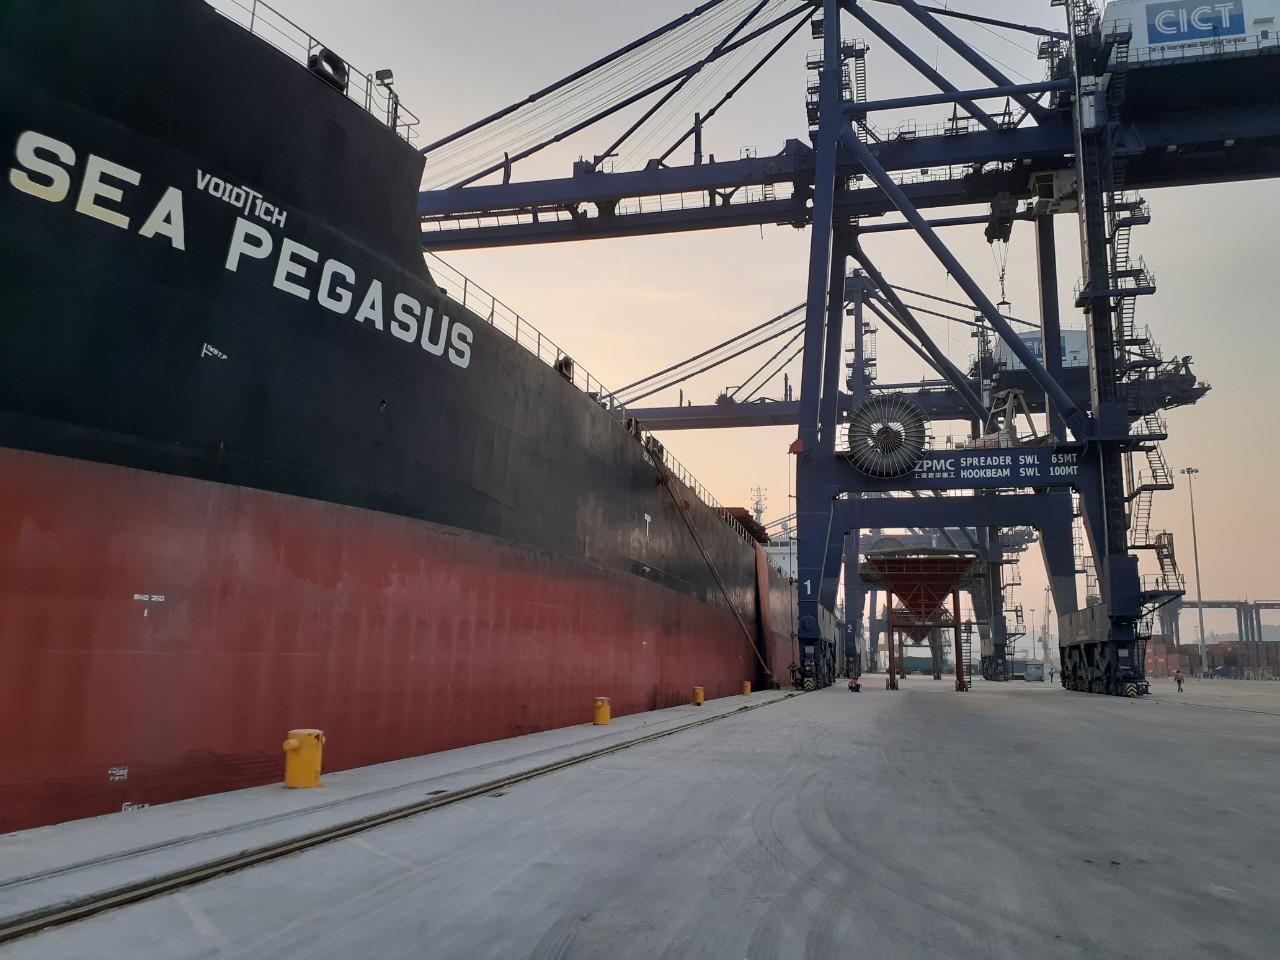 TàuSEA PEGASUS ngô cảng CICT